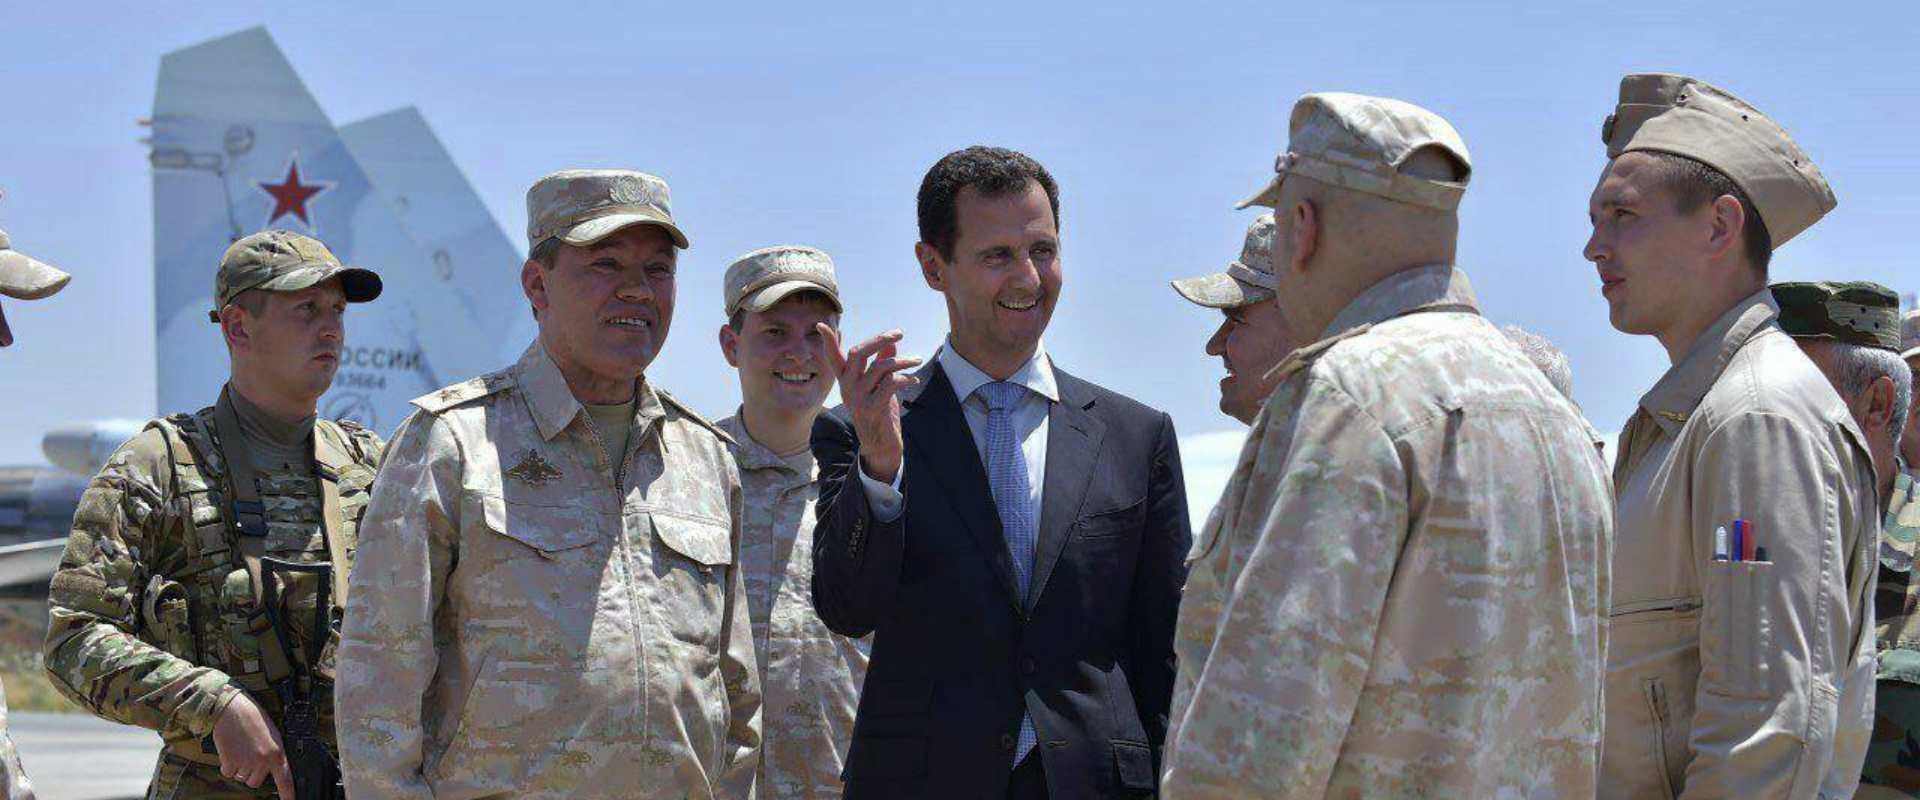 """אסד עם הרמטכ""""ל הרוסי בבסיס בסוריה"""